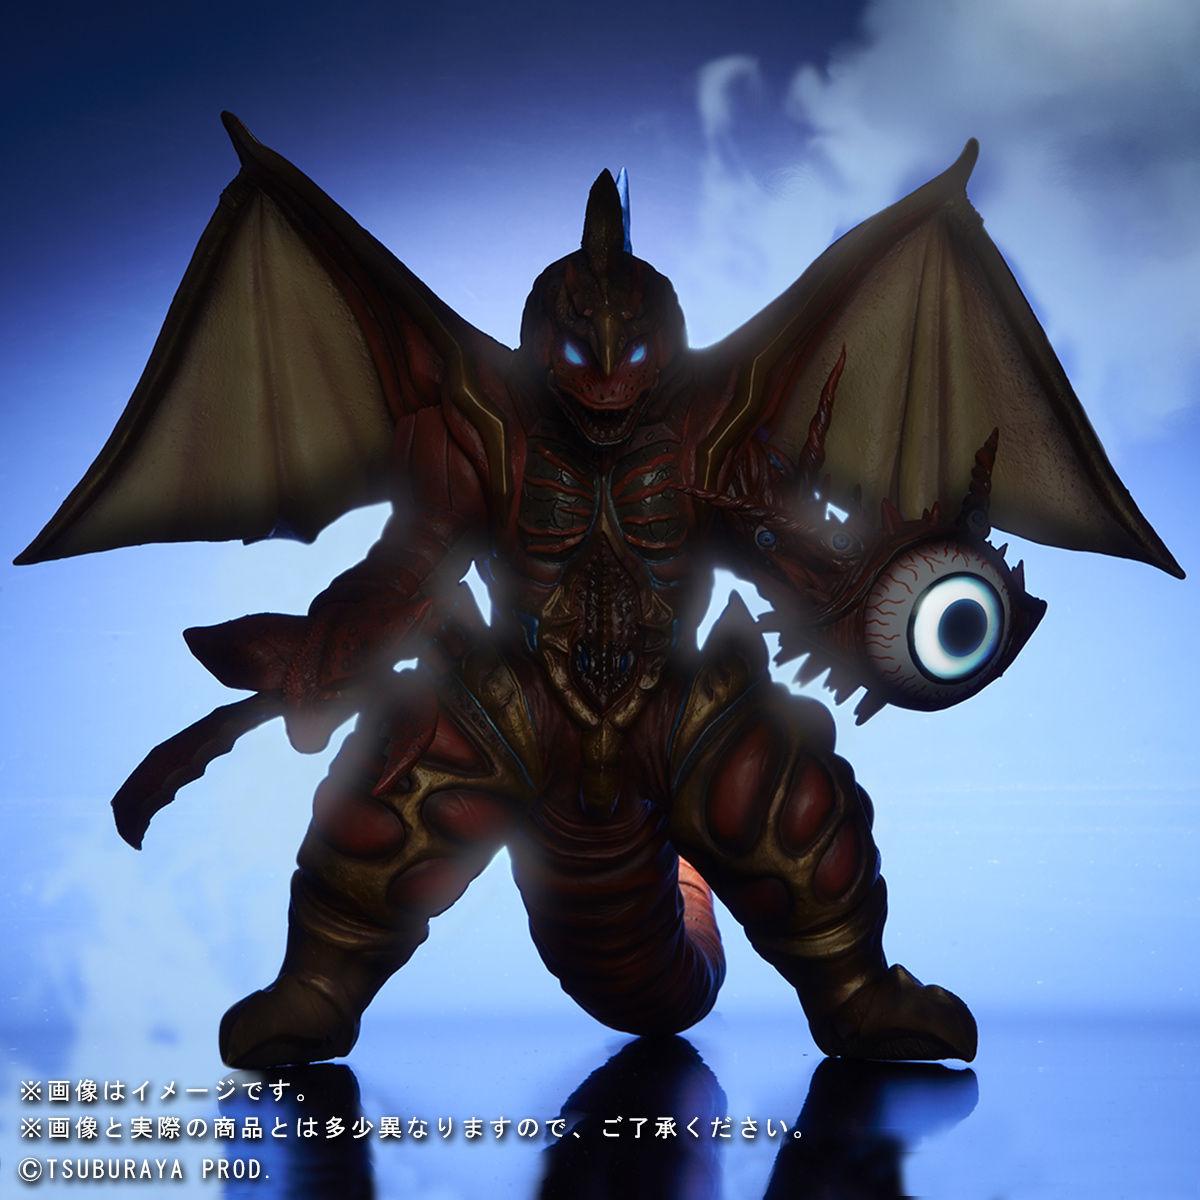 大怪獣シリーズ ULTRA NEW GENERATION『ファイブキング(発光Ver.)』ウルトラマンギンガS 完成品フィギュア-006